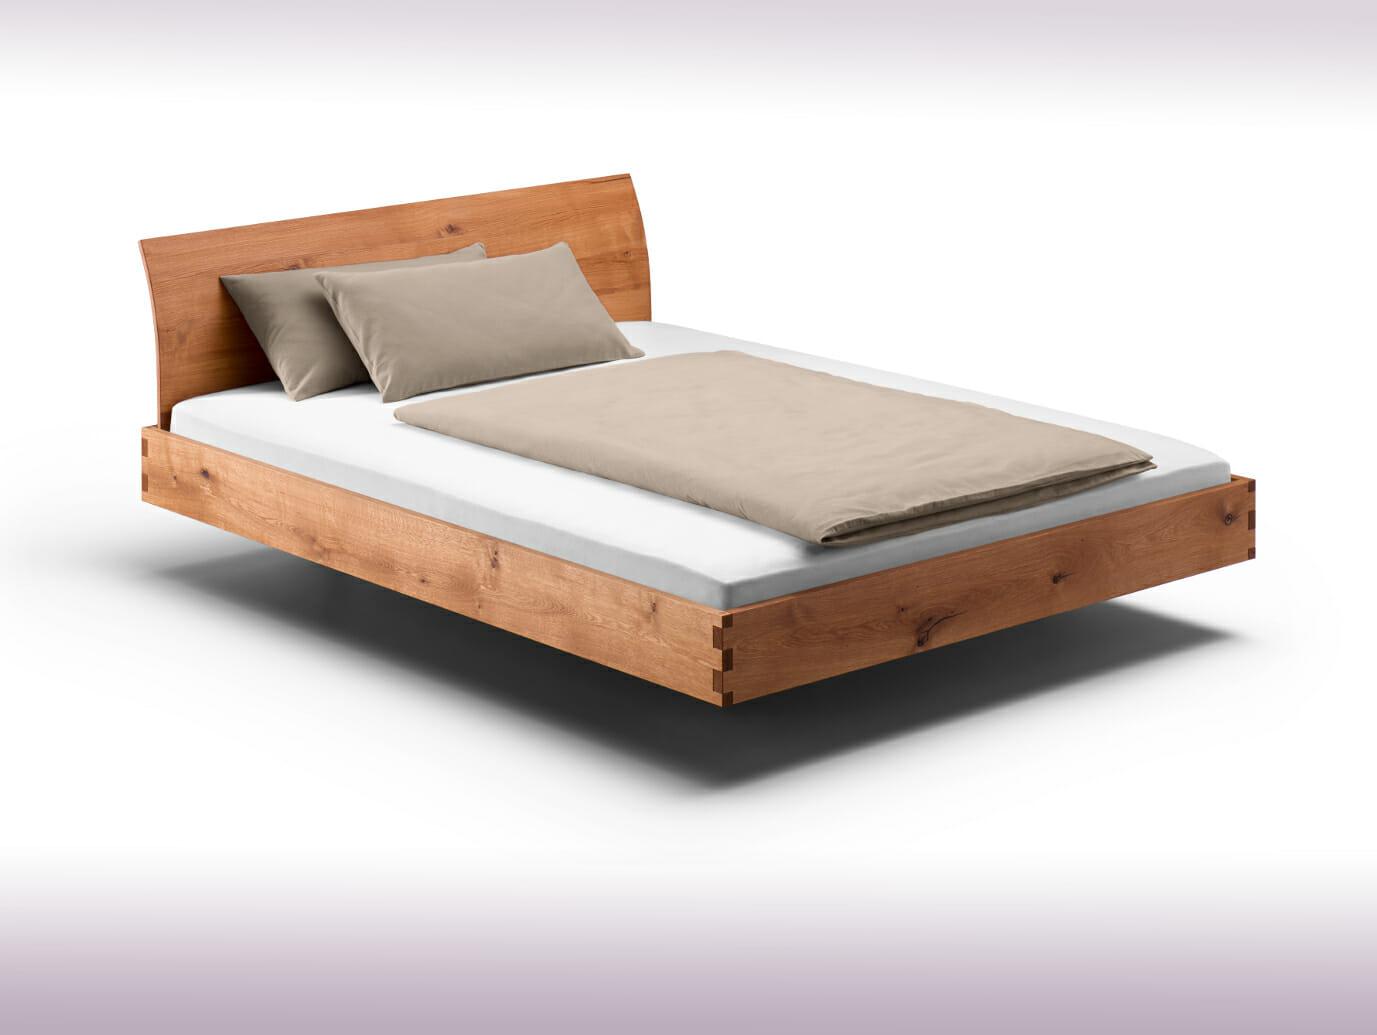 Bett mit gebogener Lehne, metallfrei